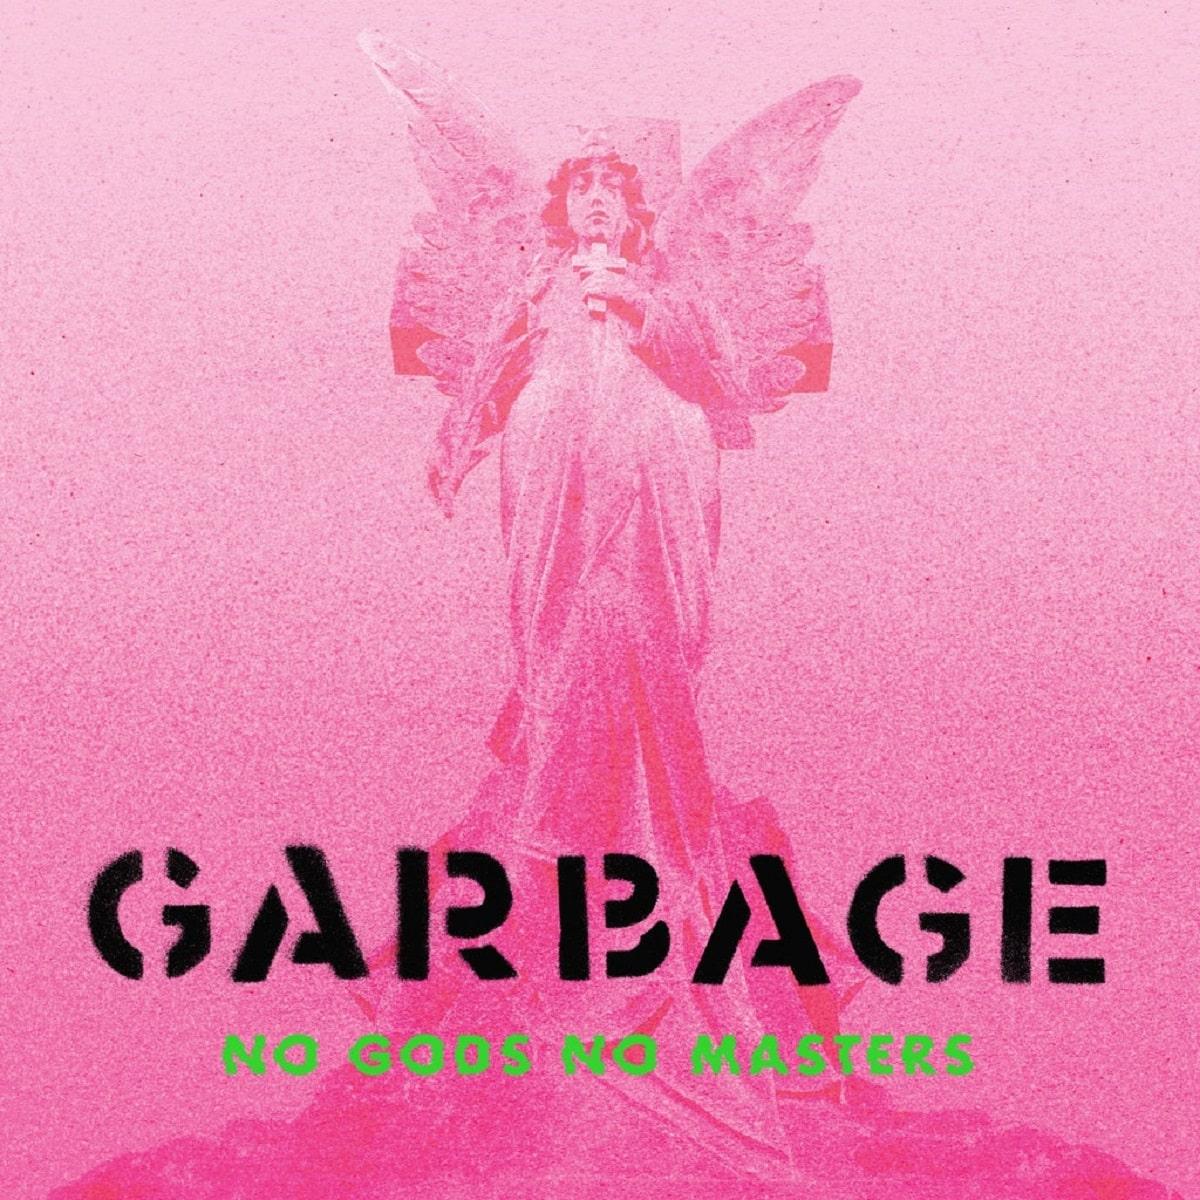 Tapa de No Gods No Masters, disco de Garbage